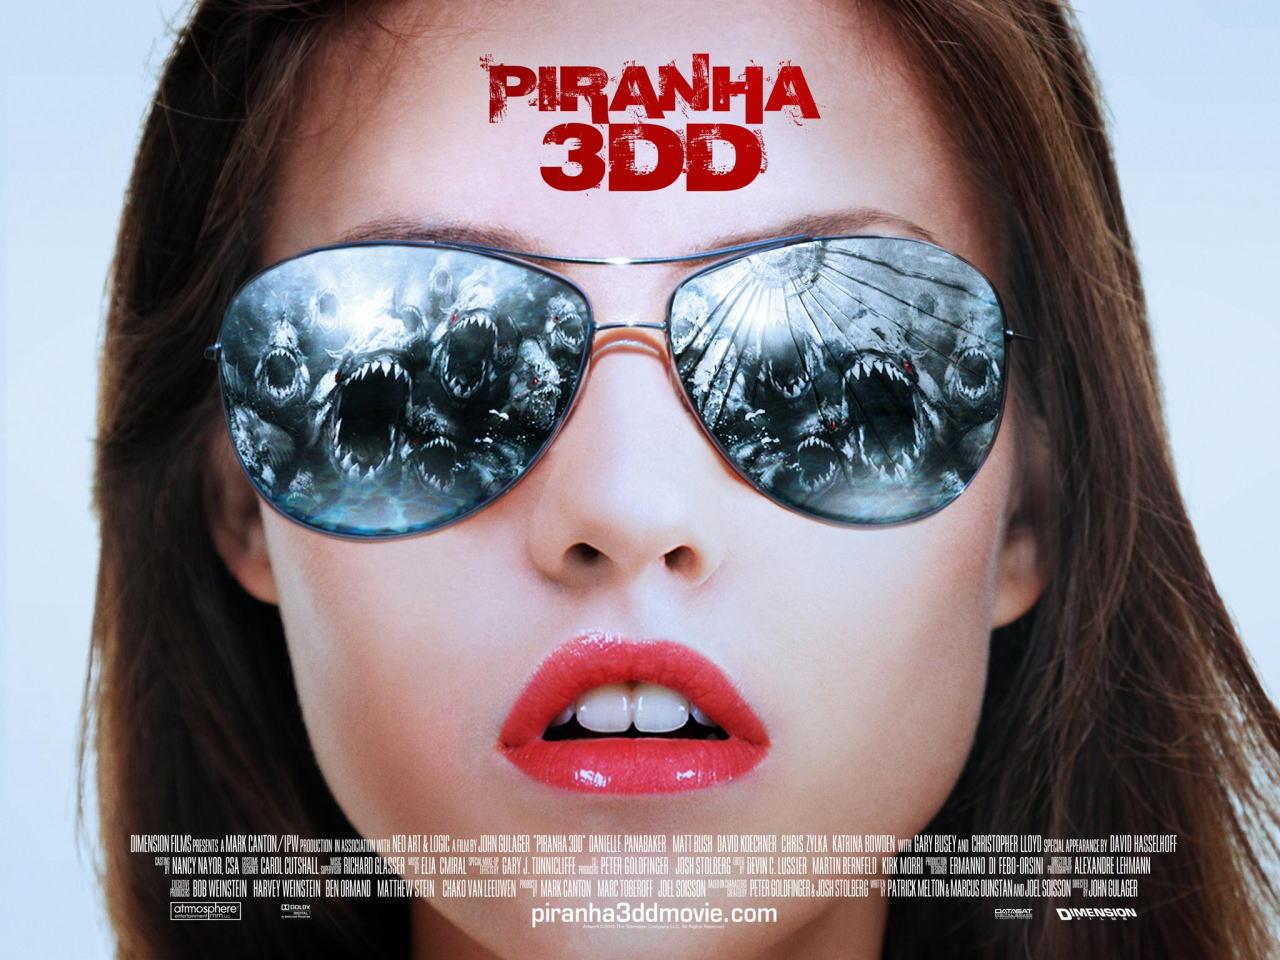 映画『ピラニア リターンズ PIRANHA 3DD』ポスター(4)▼ポスター画像クリックで拡大します。